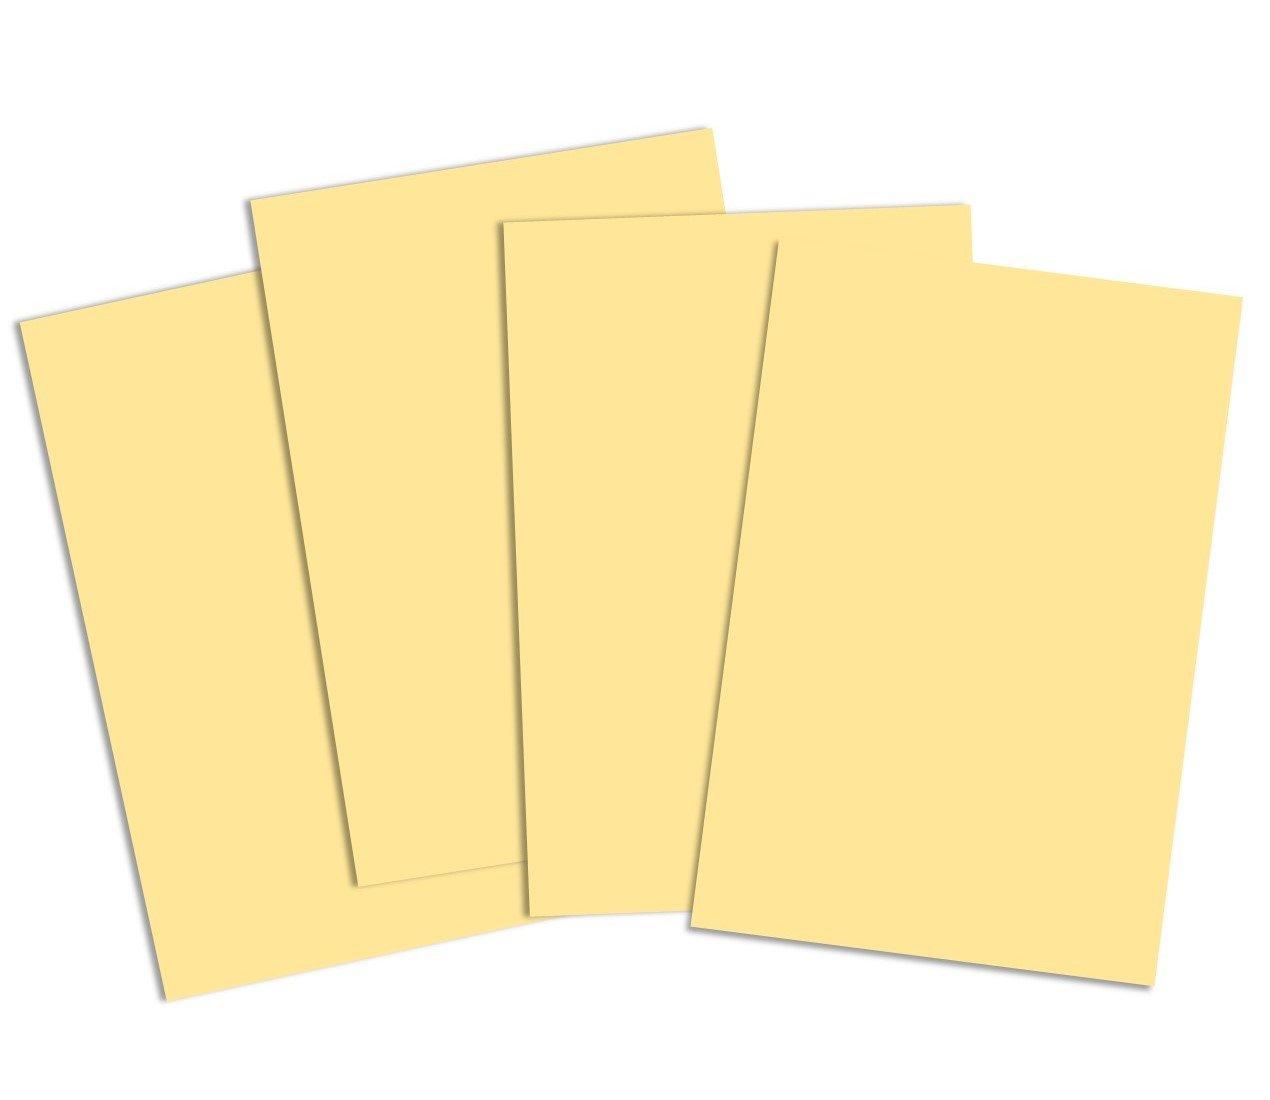 House of Card & Paper, cartoncino colorato in formato A2, 220 g/m² , giallo pastello (confezione da 50 fogli) 220g/m² giallo pastello (confezione da 50fogli) HCP275